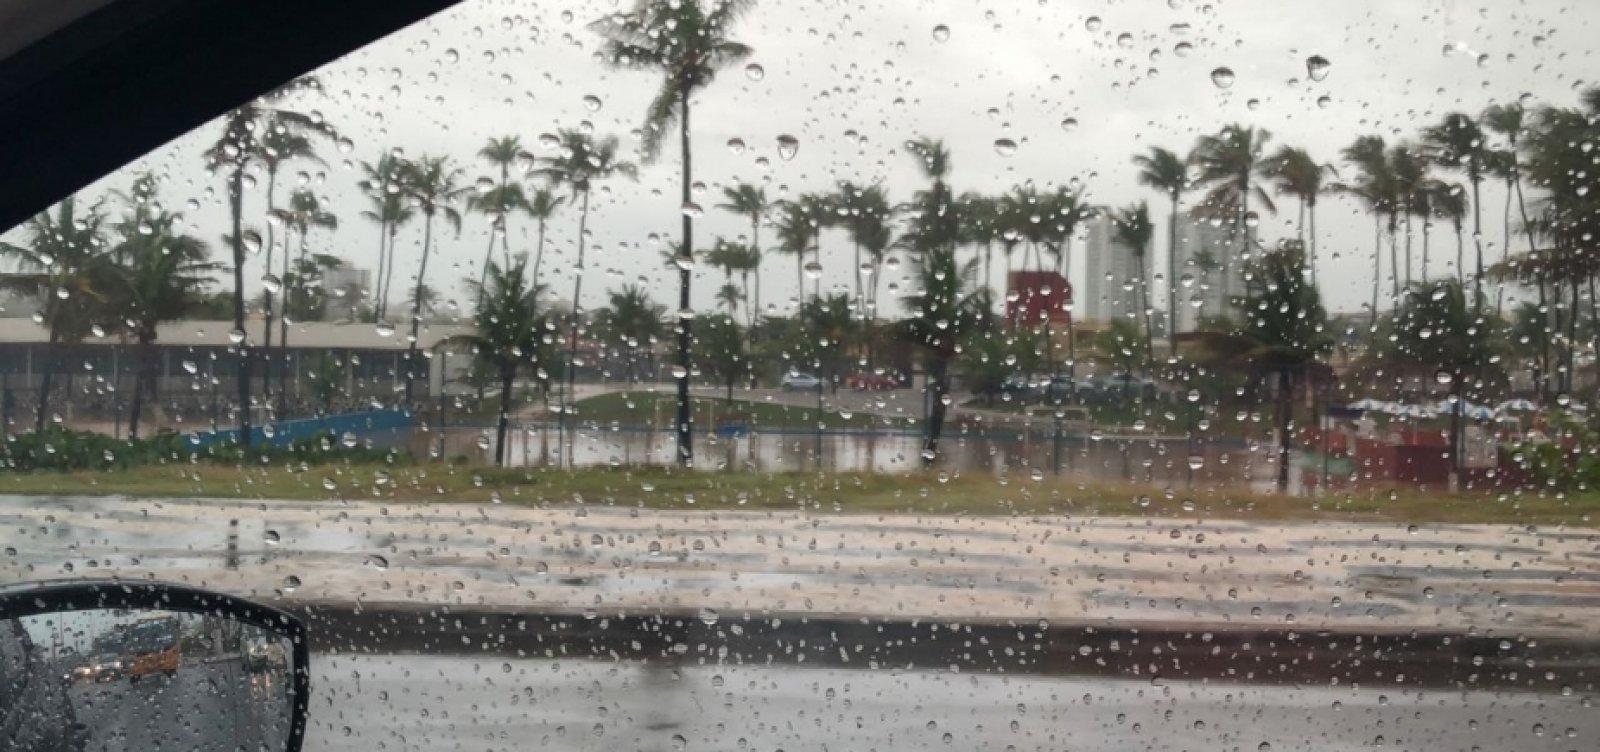 Em 24 horas, Salvador registra 60% do volume de chuva esperado para julho